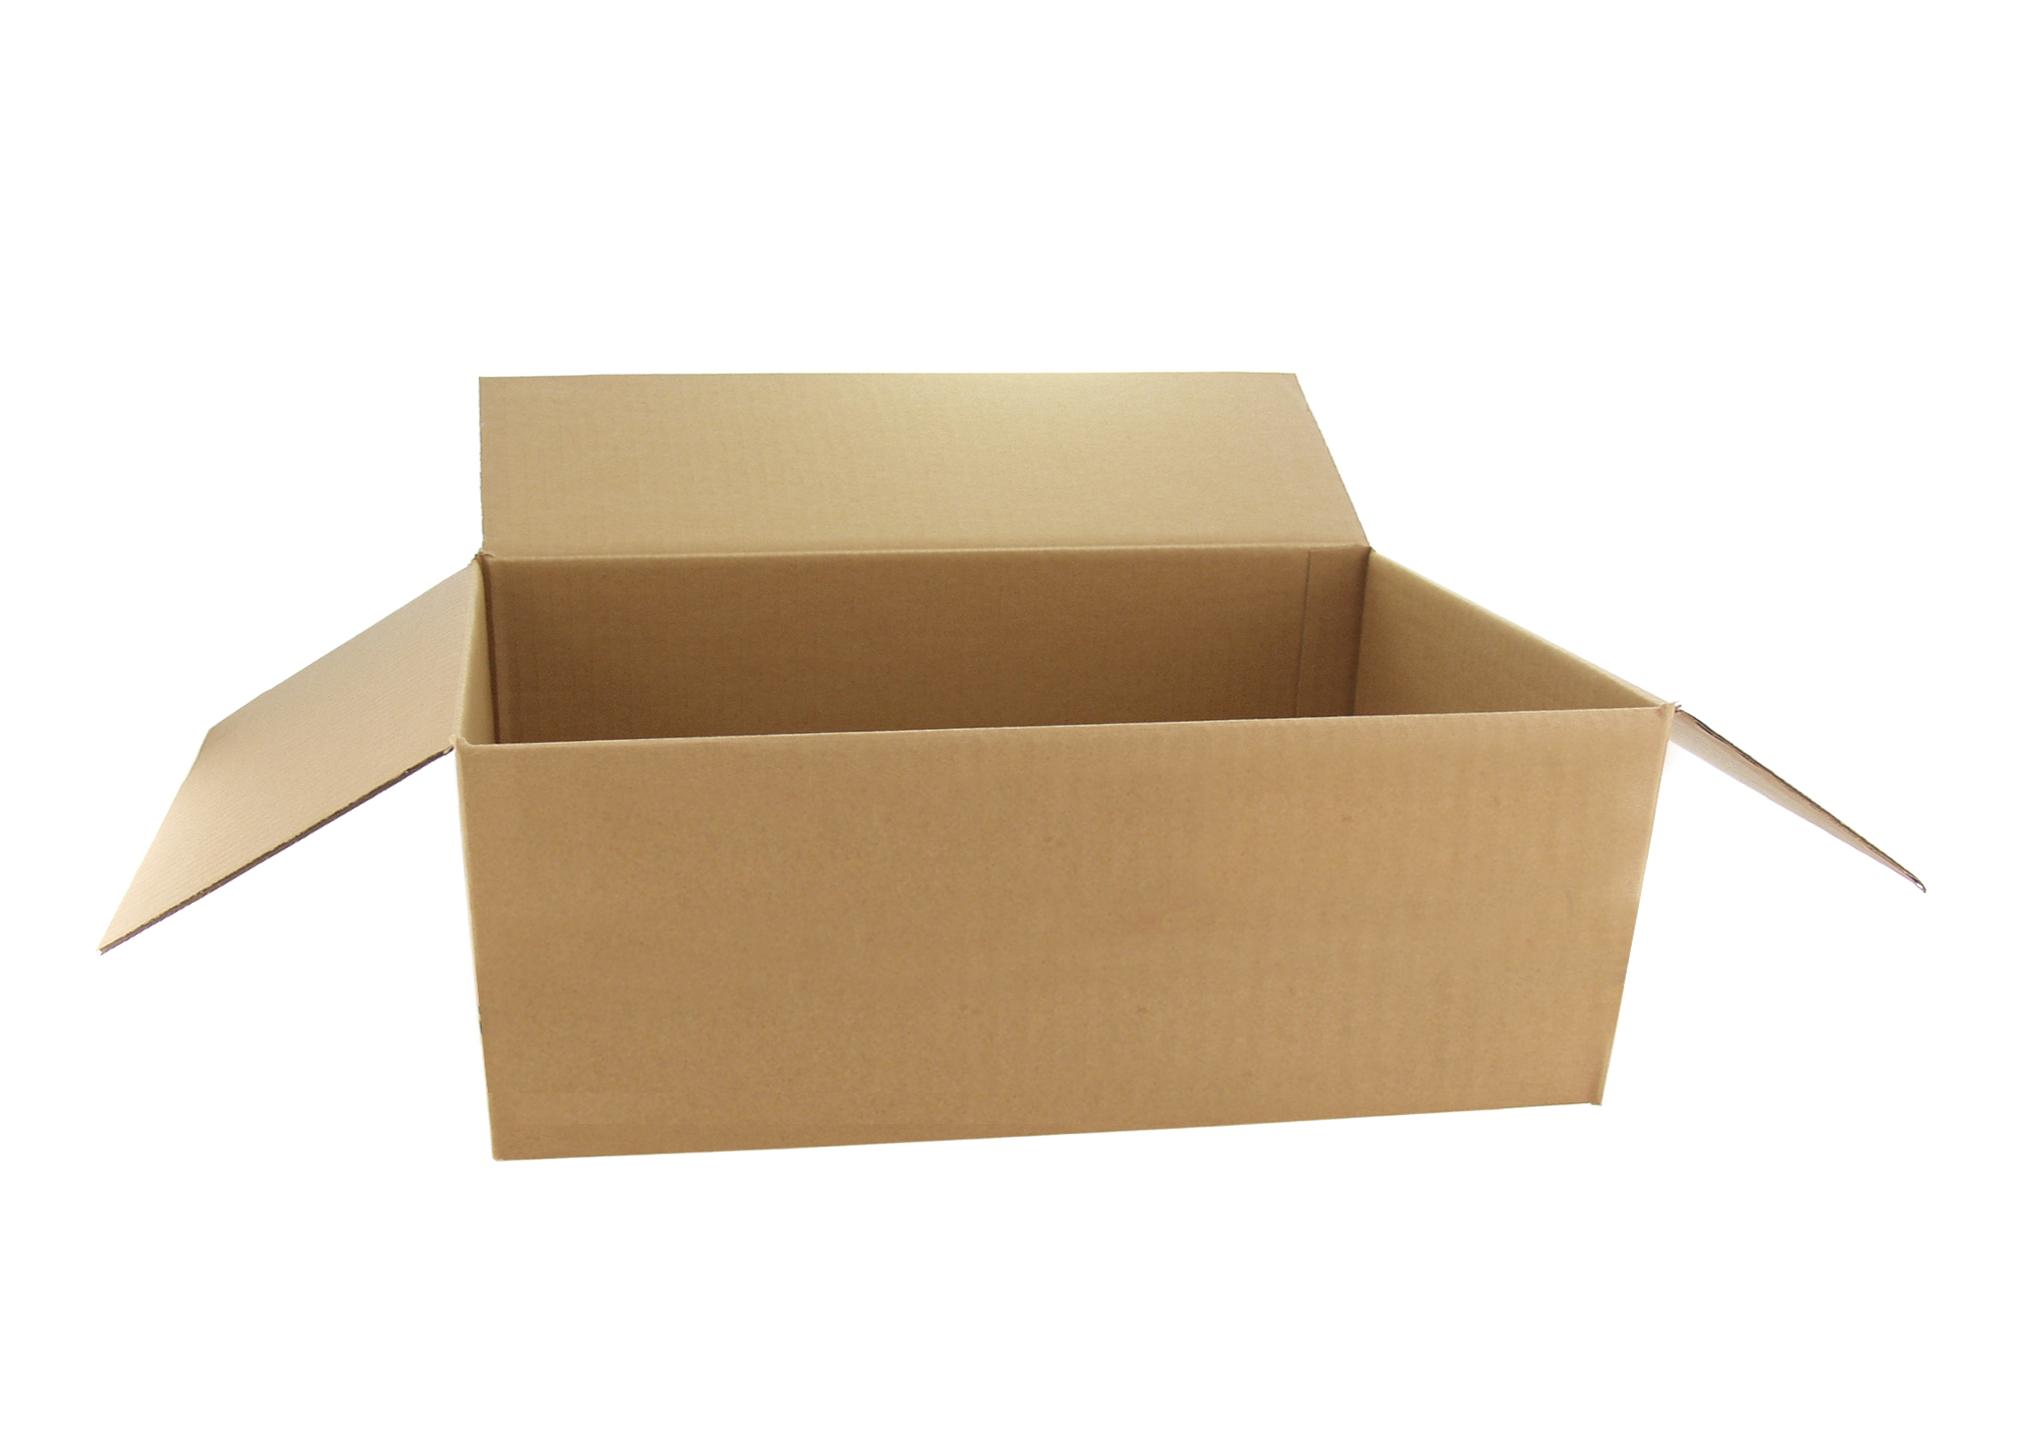 karton mittel 580x380x200 neutral st ck online kaufen flaschengro handel reis. Black Bedroom Furniture Sets. Home Design Ideas